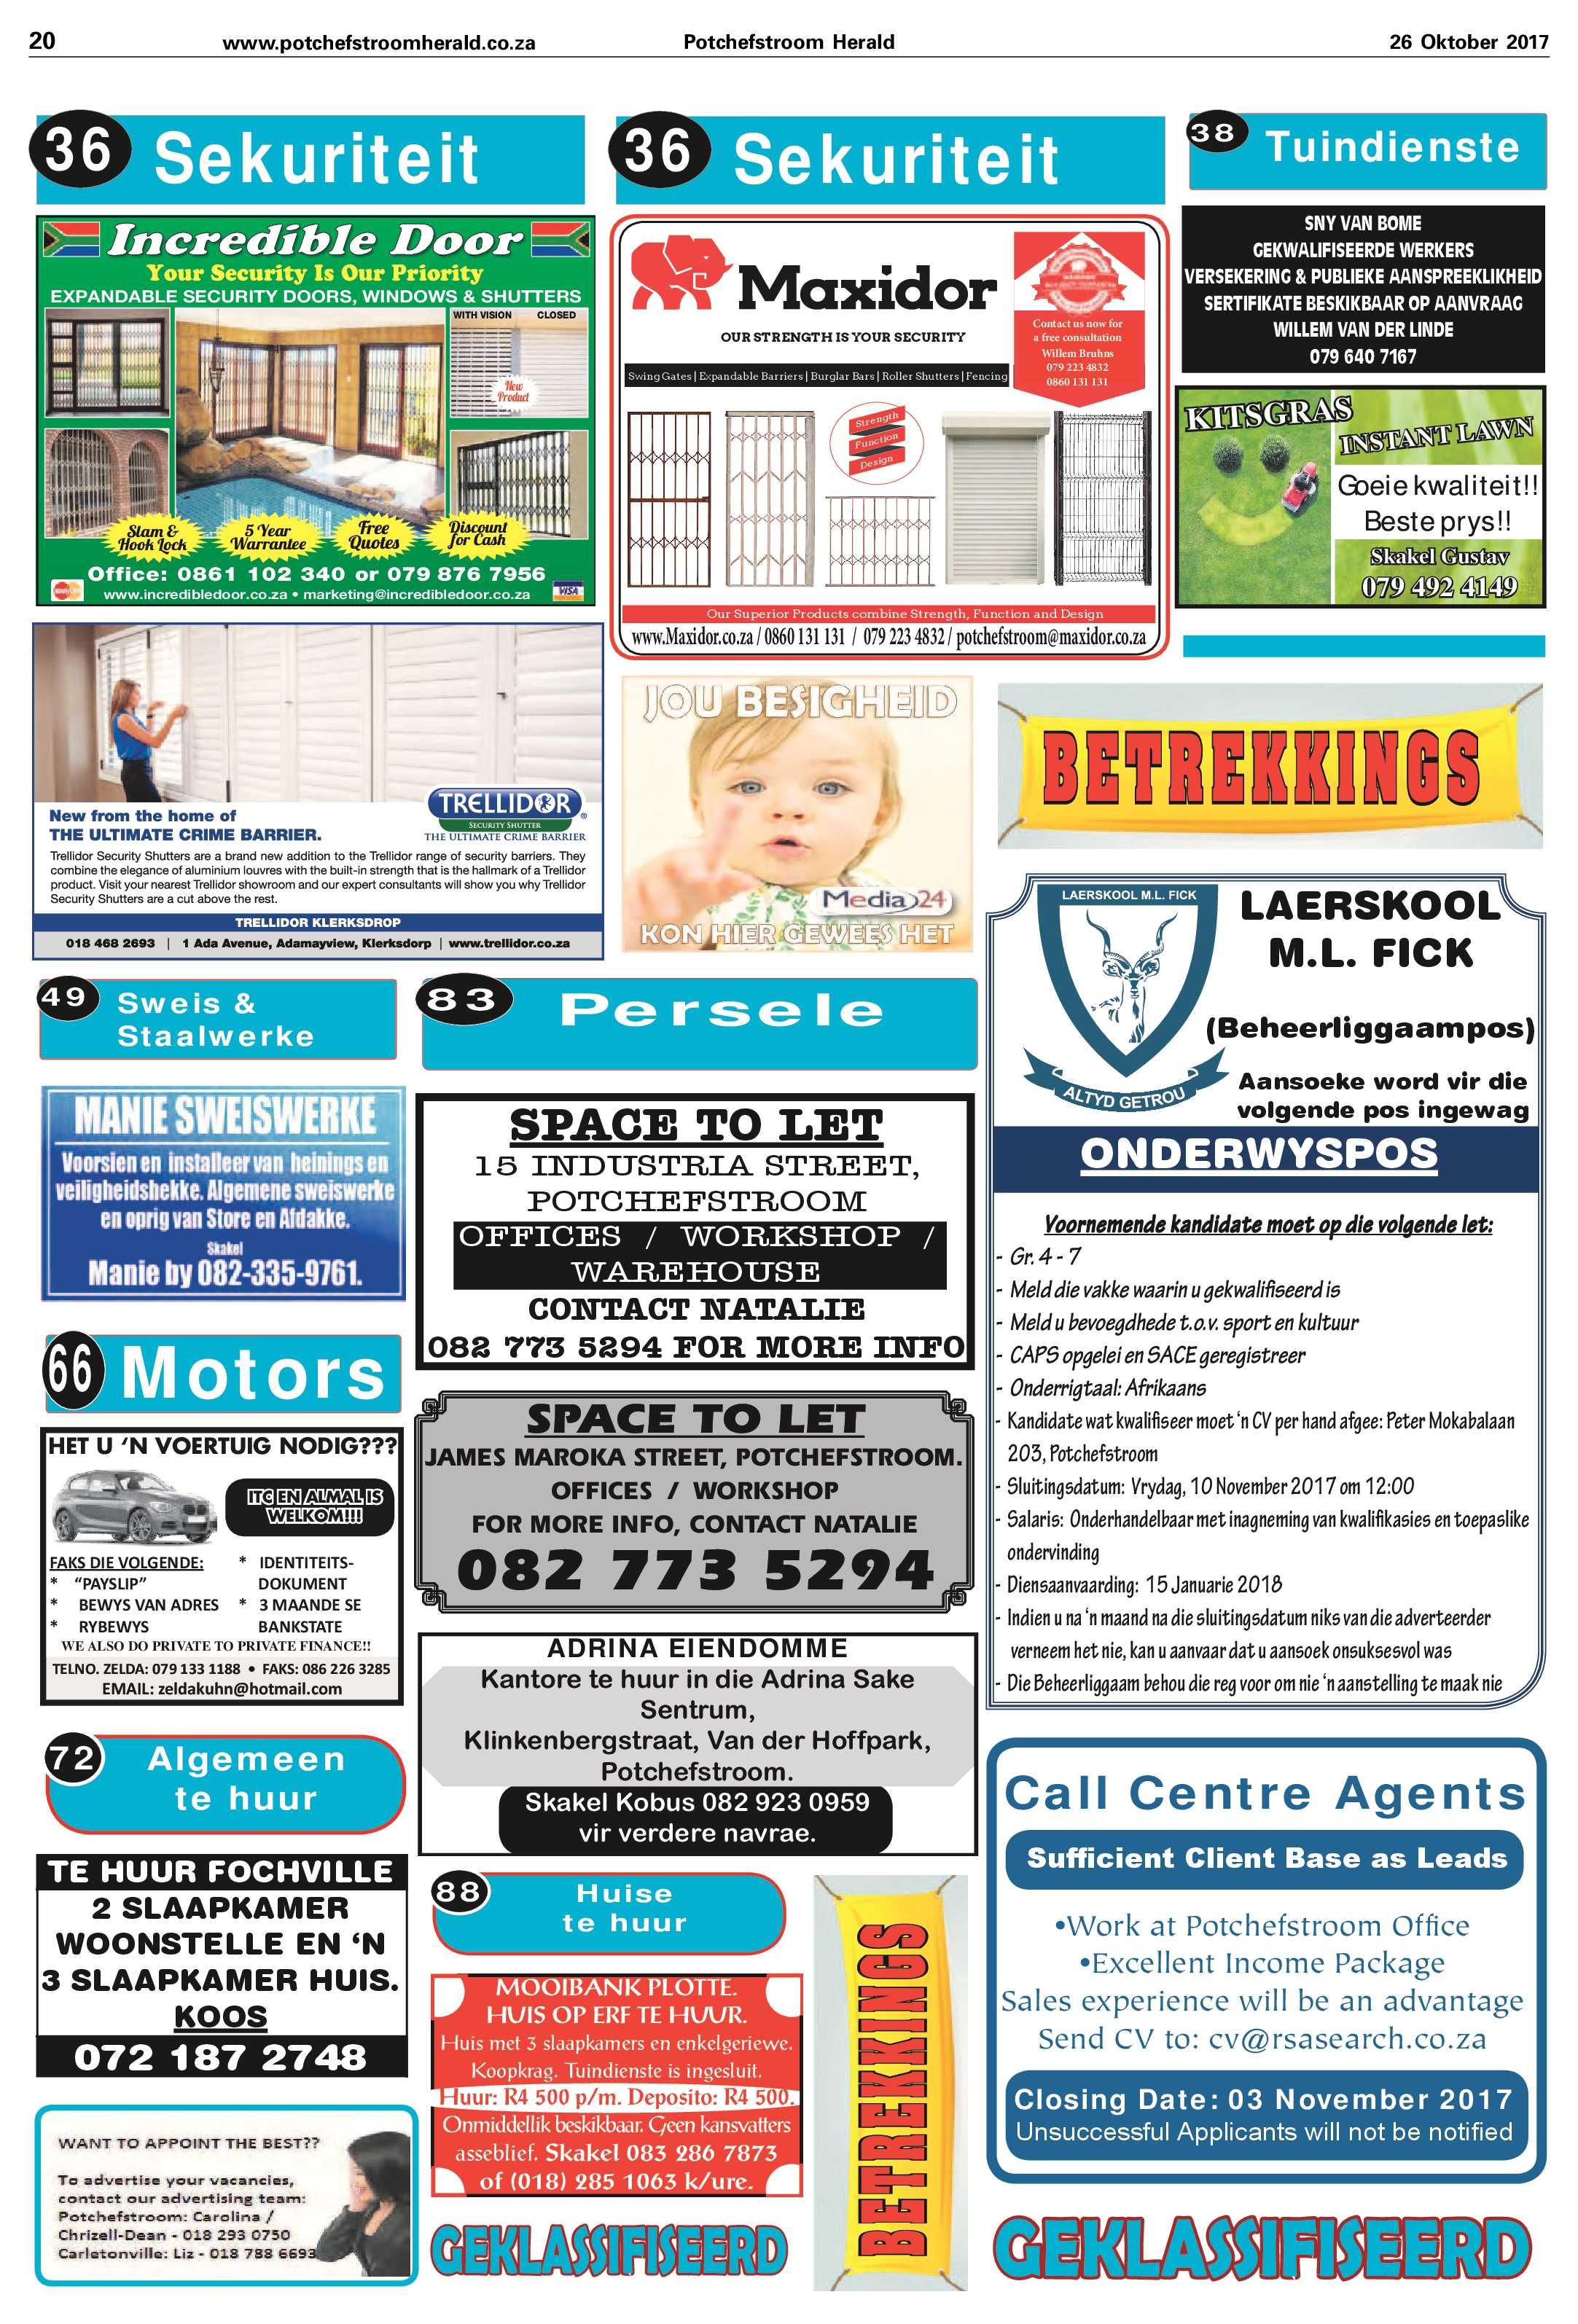 26-oktober-2017-epapers-page-20